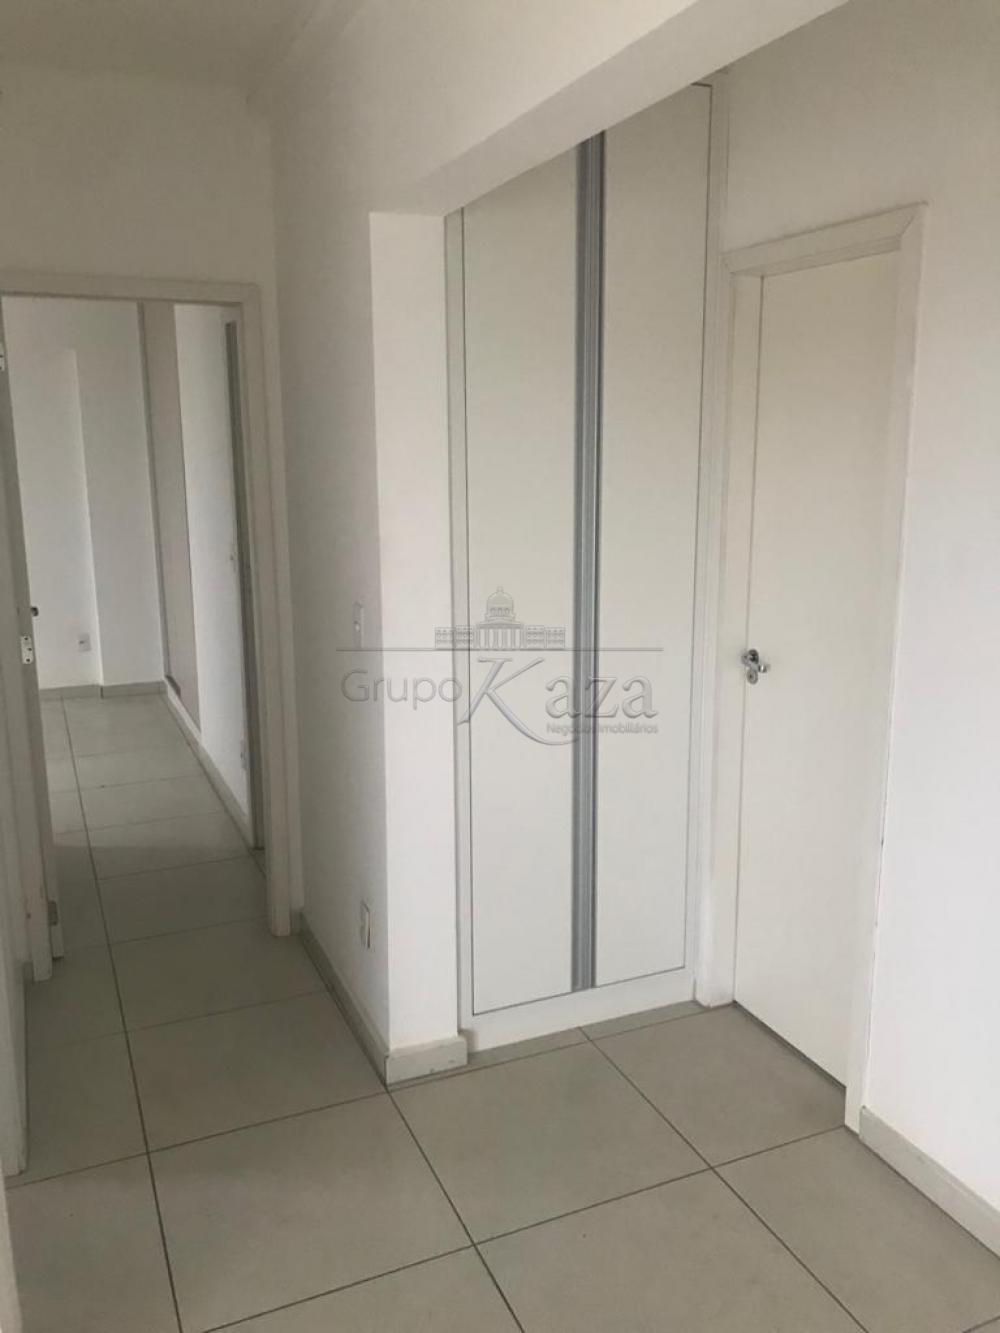 Comprar Casa / Condomínio em Taubaté apenas R$ 352.000,00 - Foto 8